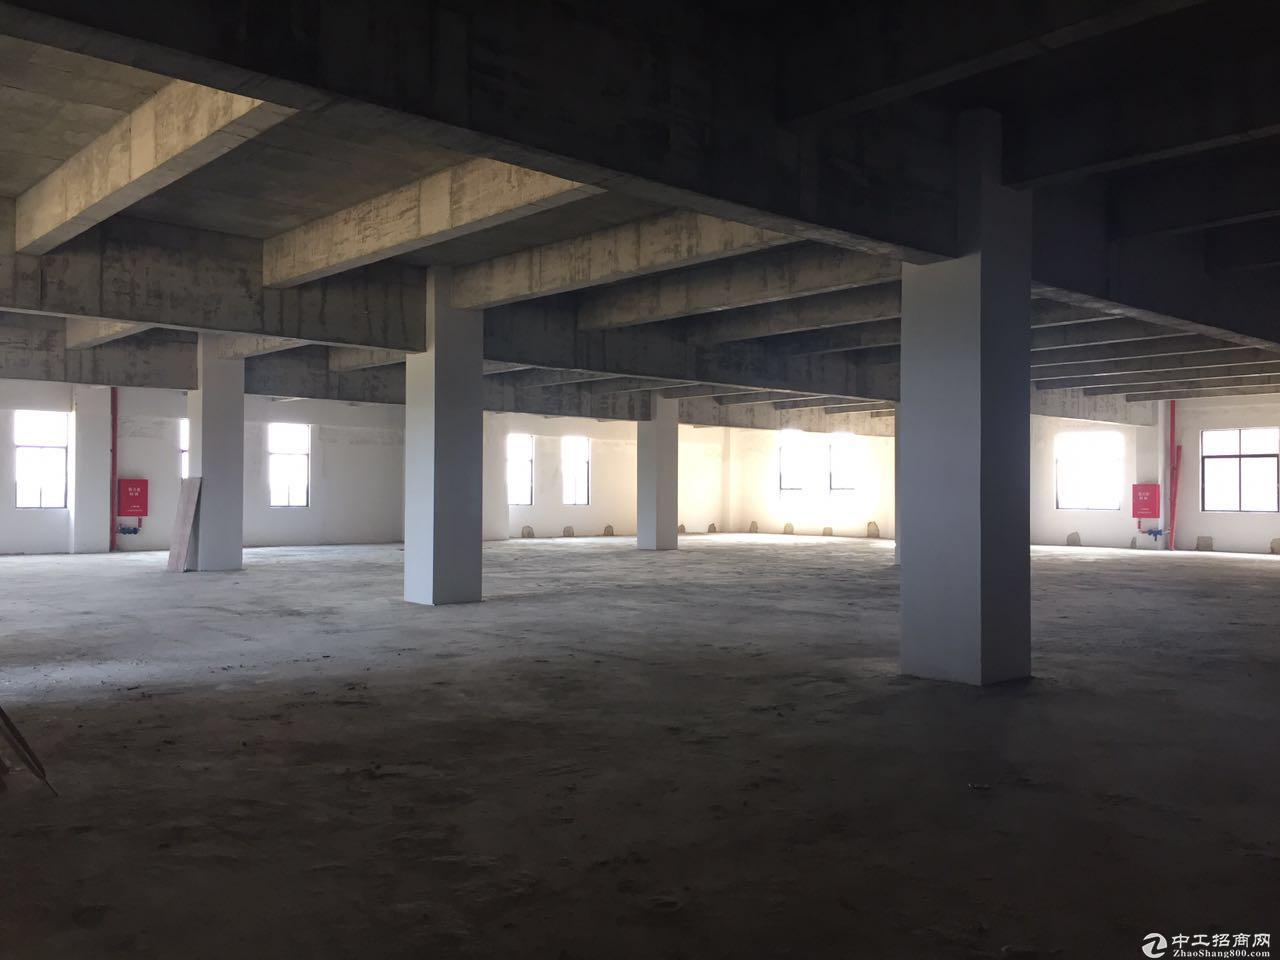 23000全新独栋园区厂房分割出售-图4